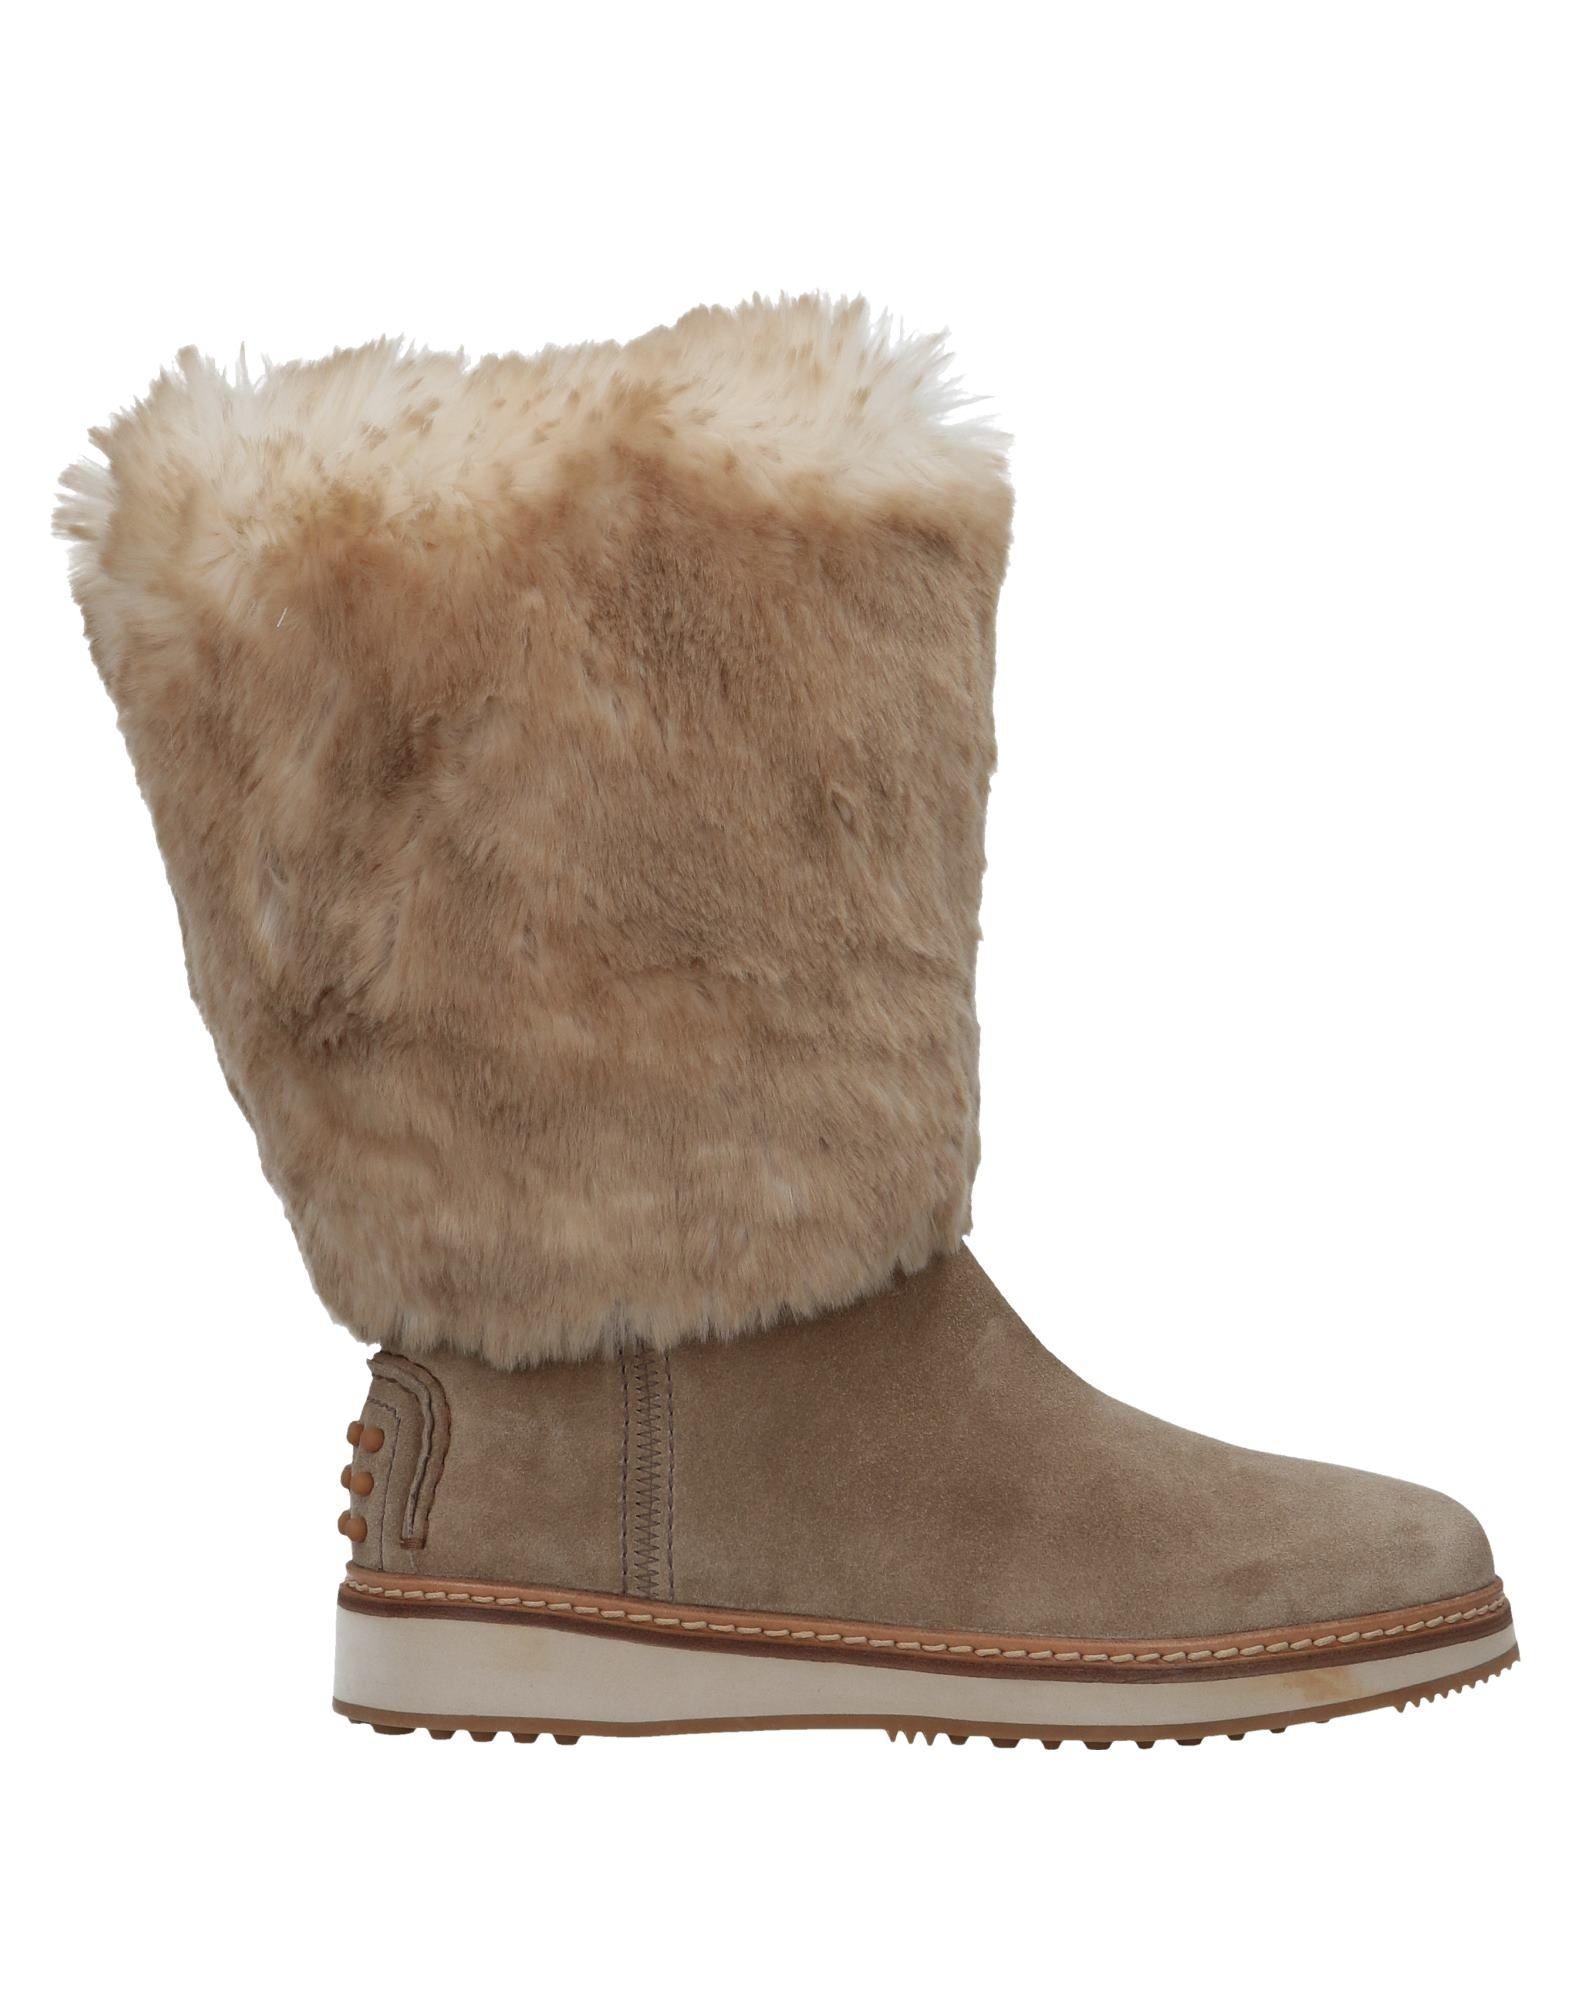 Carshoe Stiefel Damen 11519815NMGut aussehende strapazierfähige strapazierfähige aussehende Schuhe 4bbd05